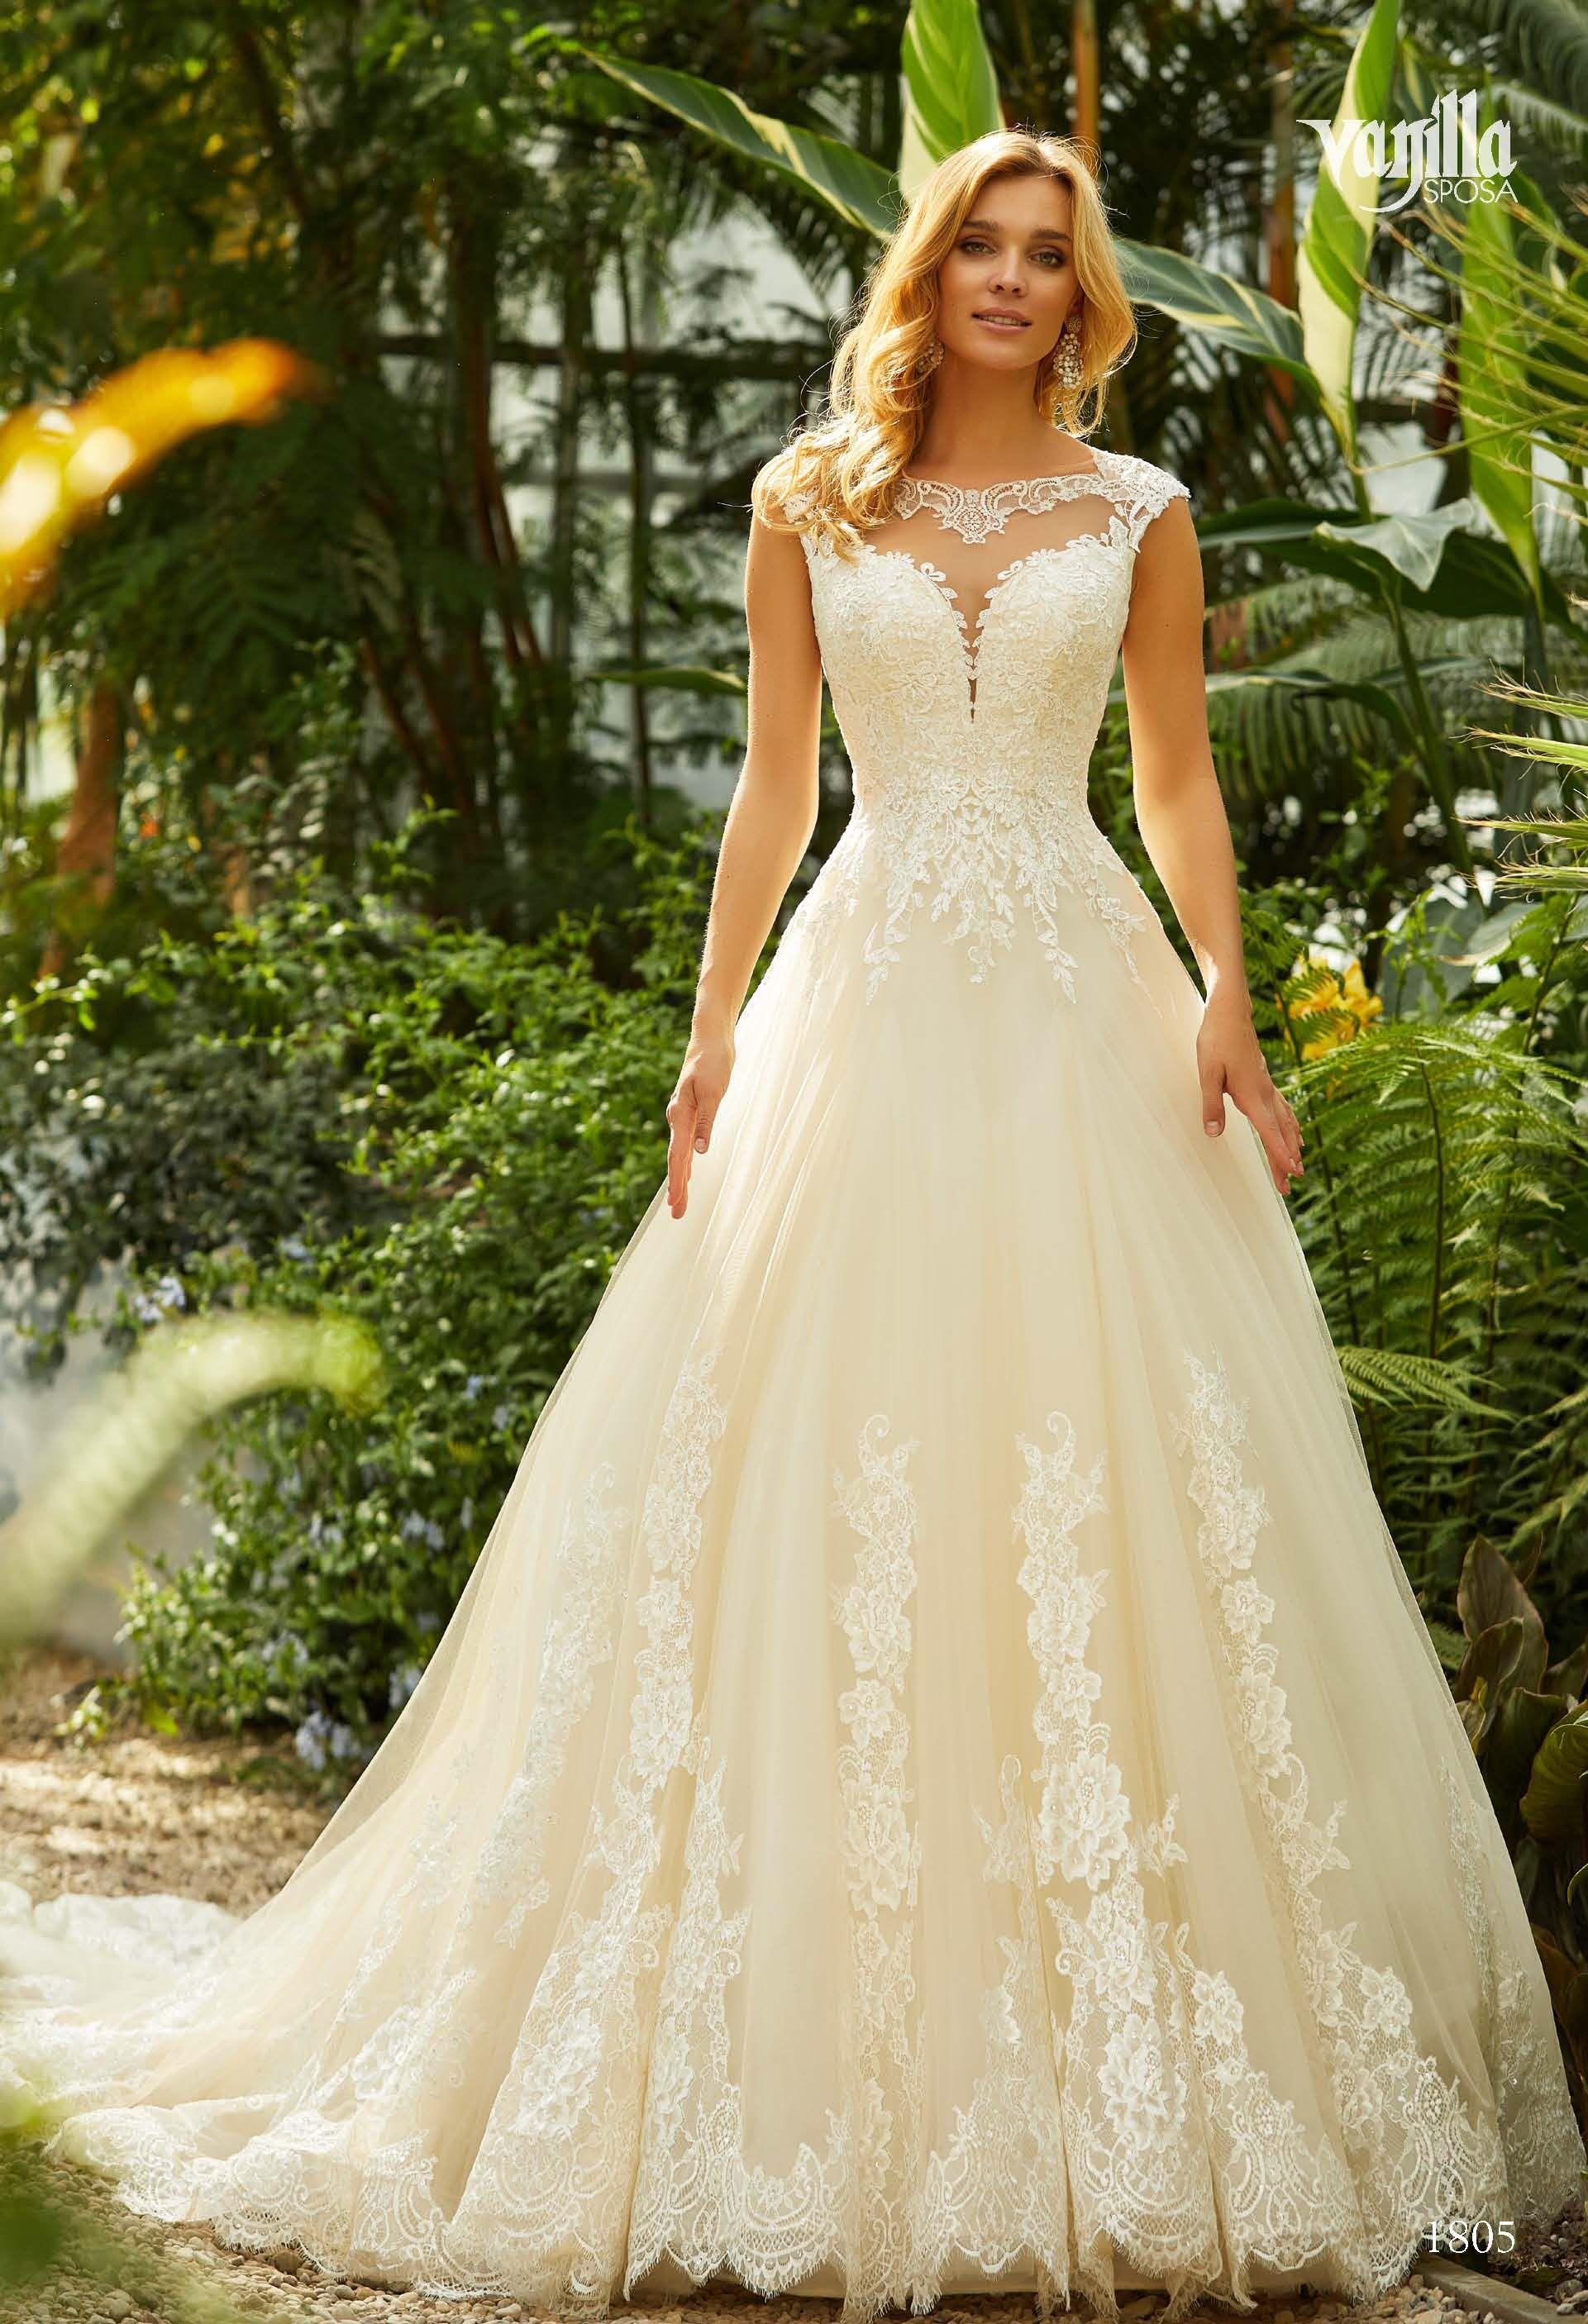 Pin von Kris De Anda auf Wedding dresss in 2020 | Kleider ...